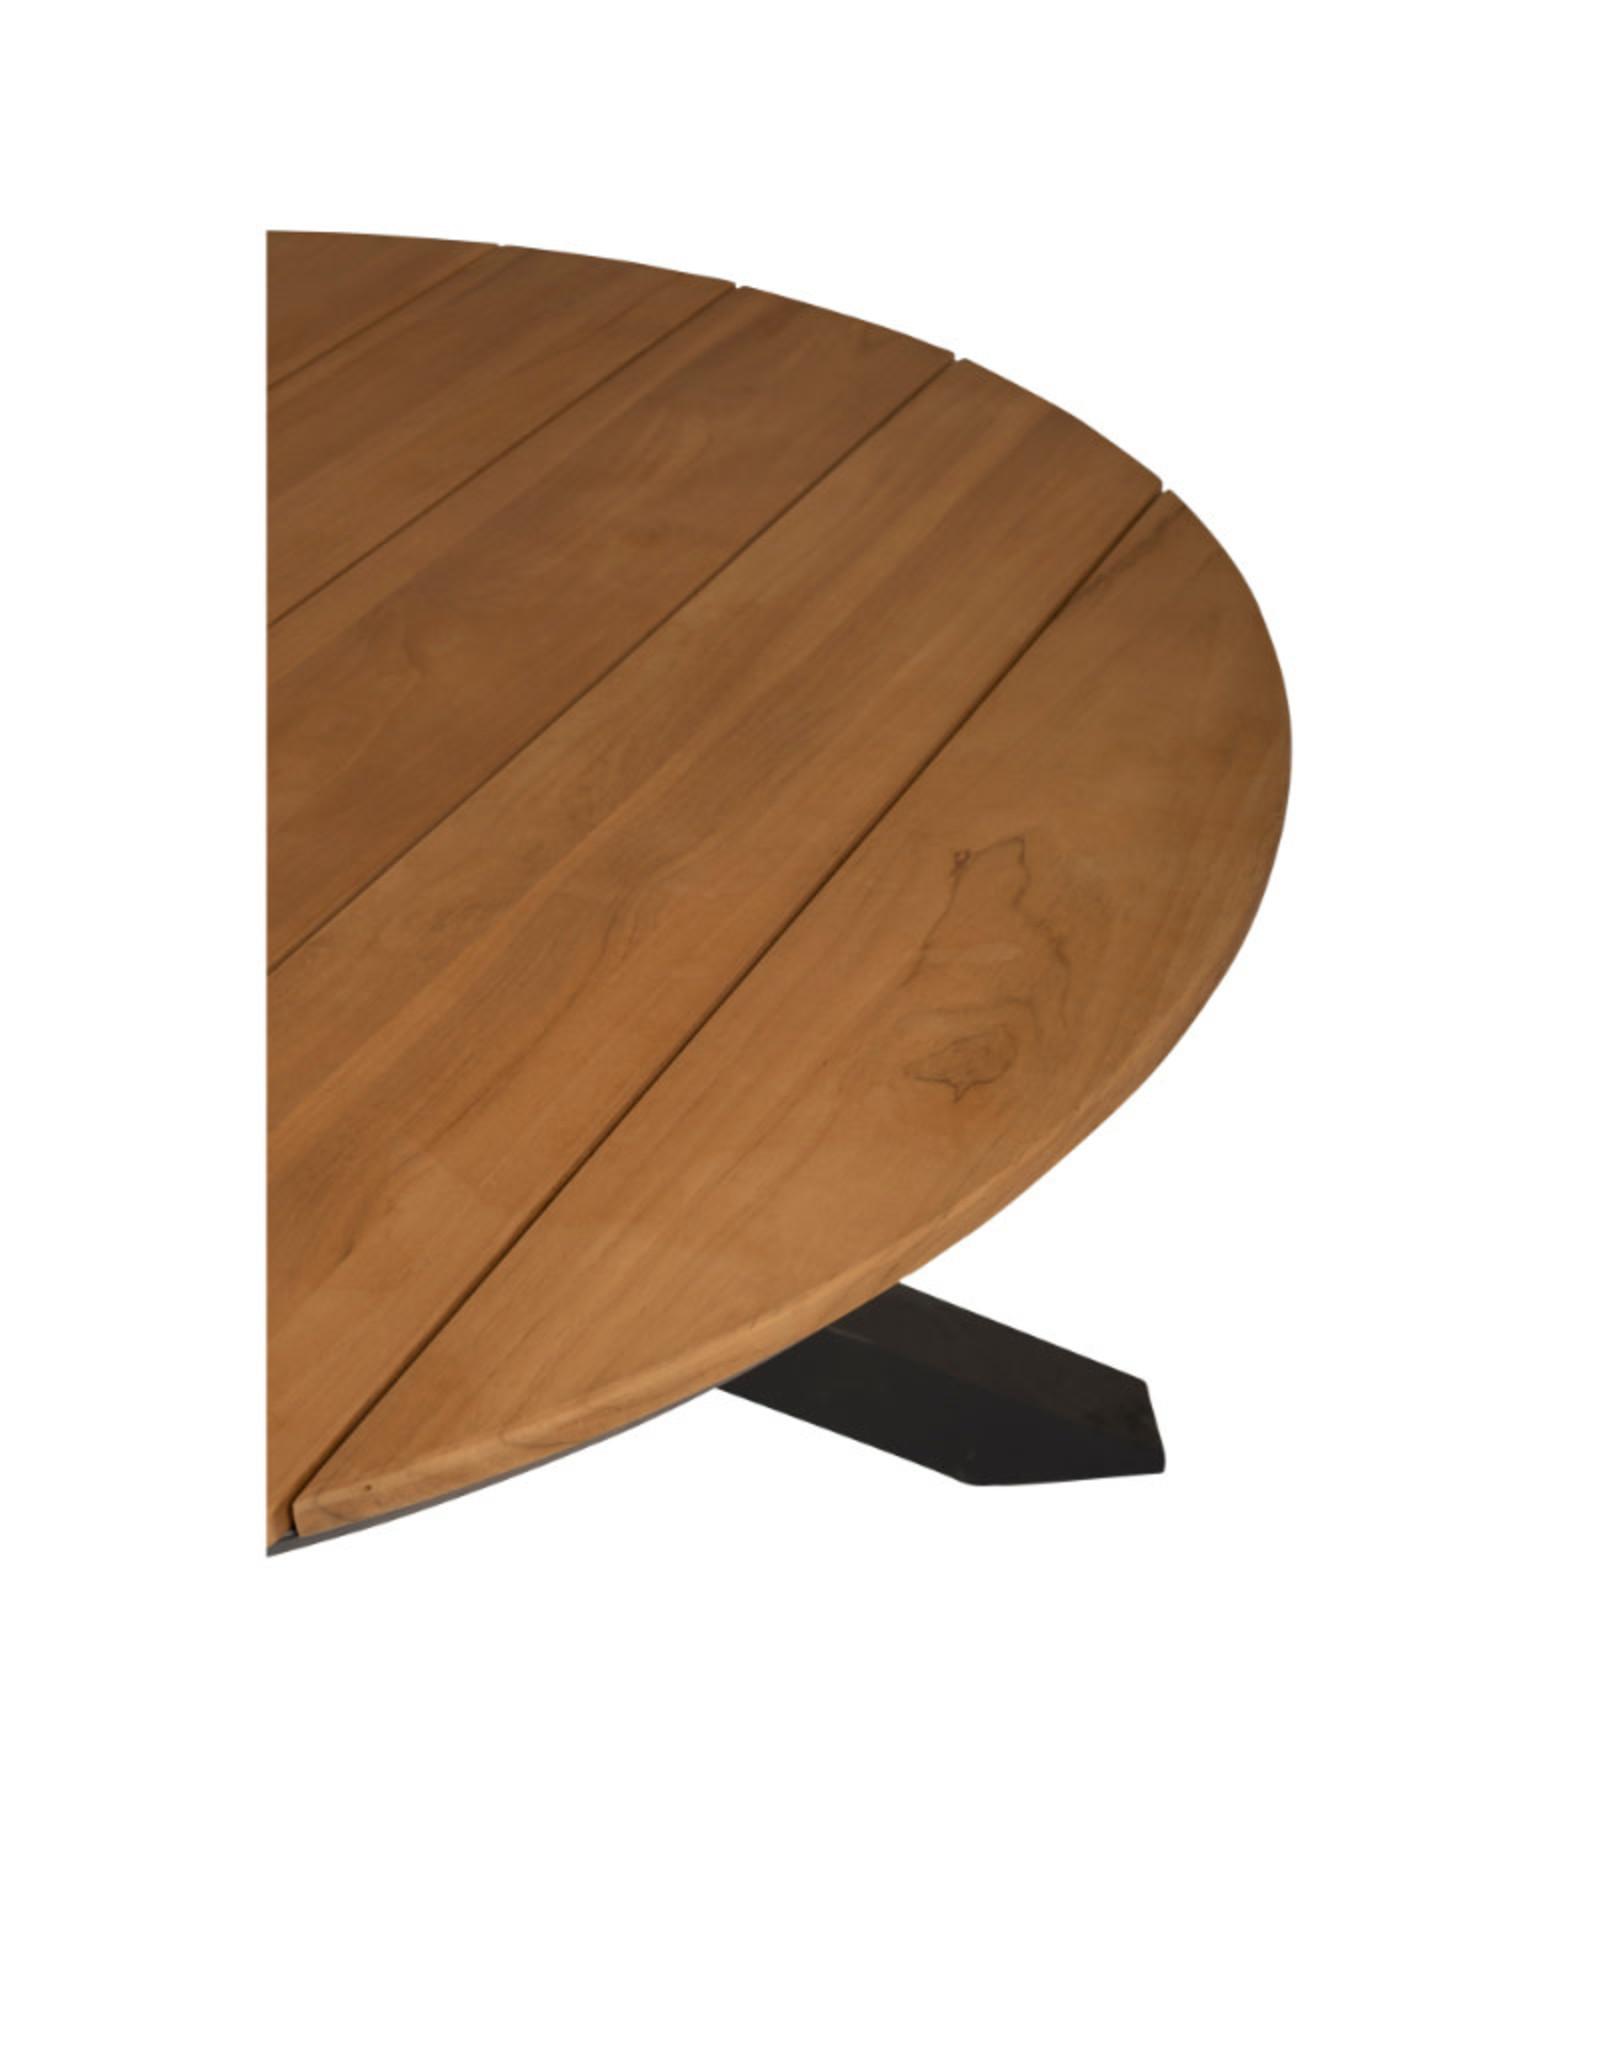 Tierra Outdoor Tierra Outdoor Omnigo Orbital Dining Table 120cm